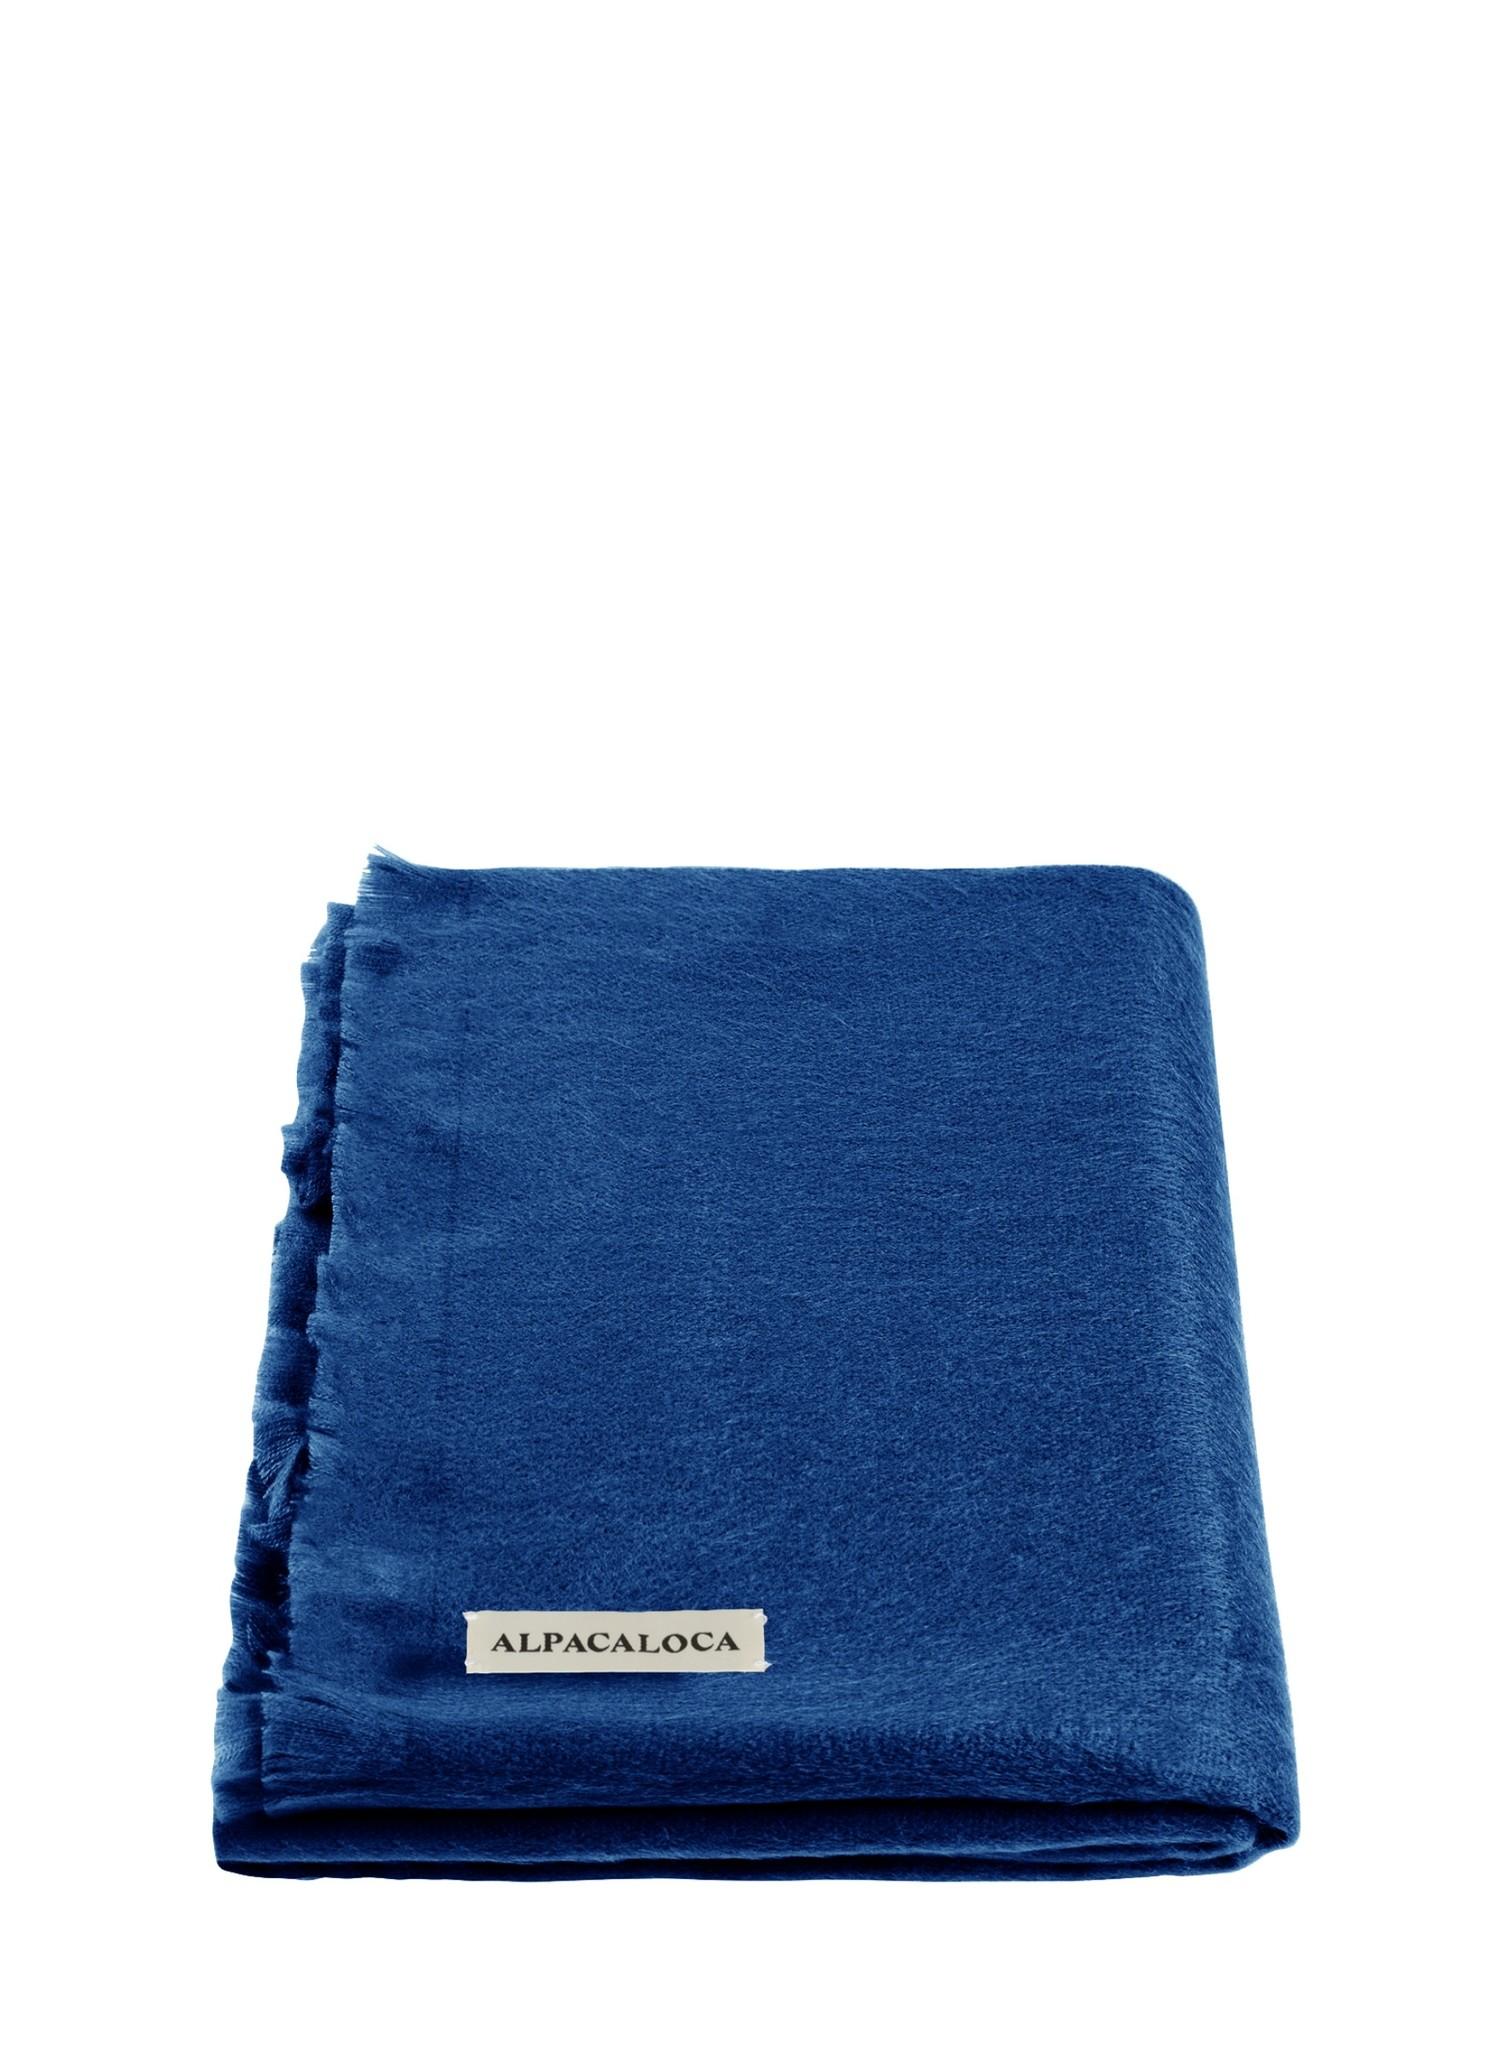 Kobalt Blauwe Accessoires.Kobalt Blauw Sjaal Alpaca